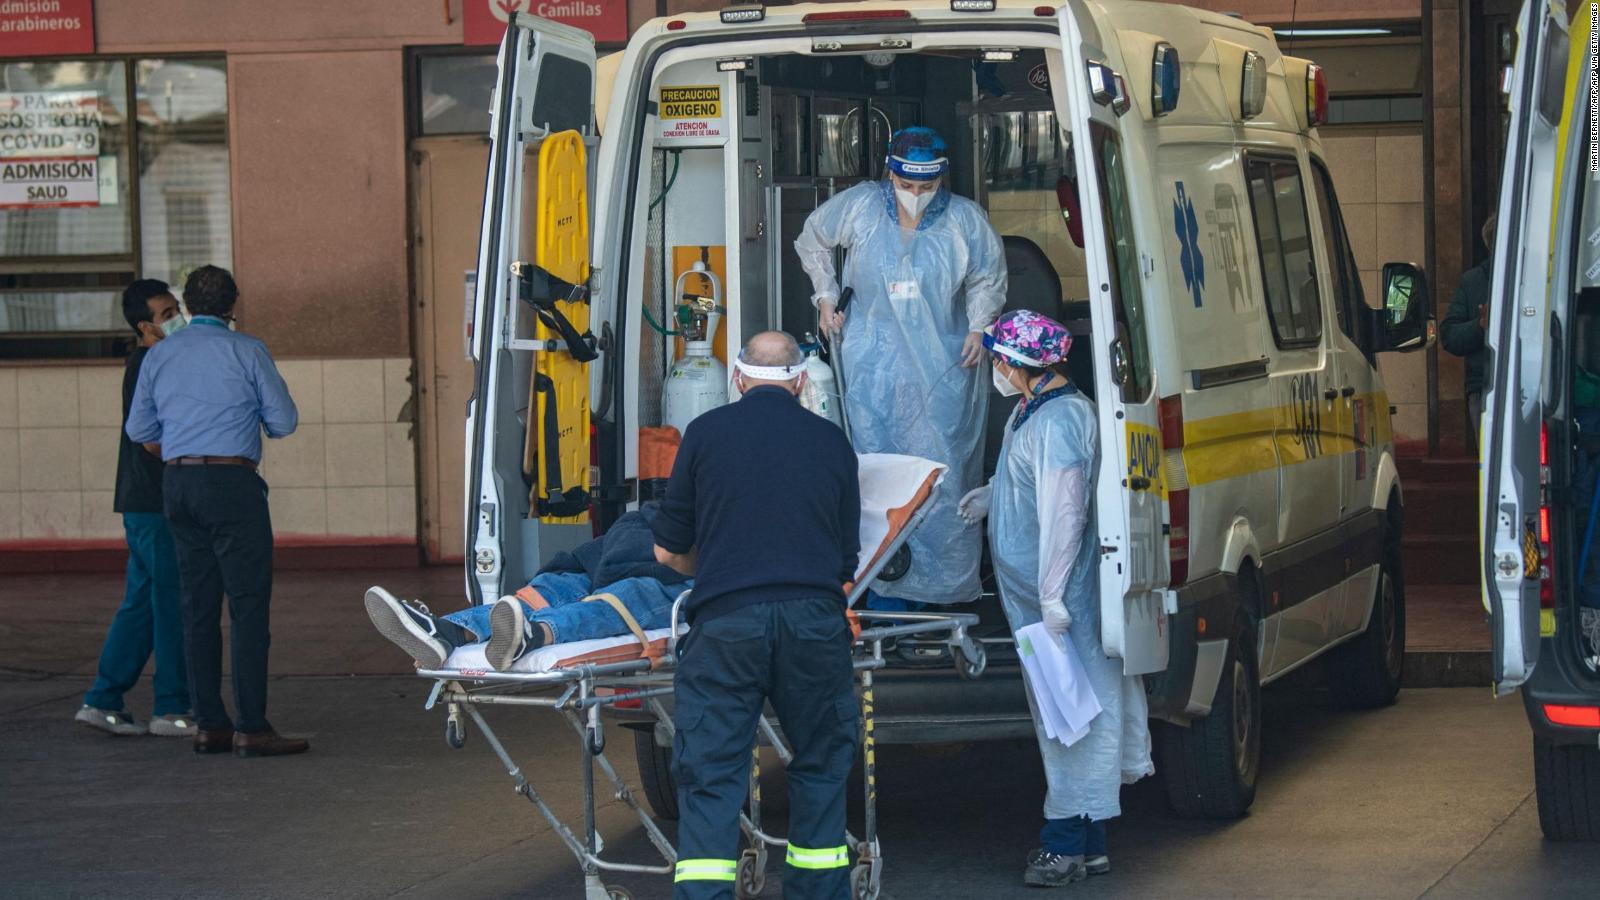 Coronavirus: Adolescente de 16 años fallece en Chile tras complicaciones por COVID; Ecuador extiende restricciones terrestres